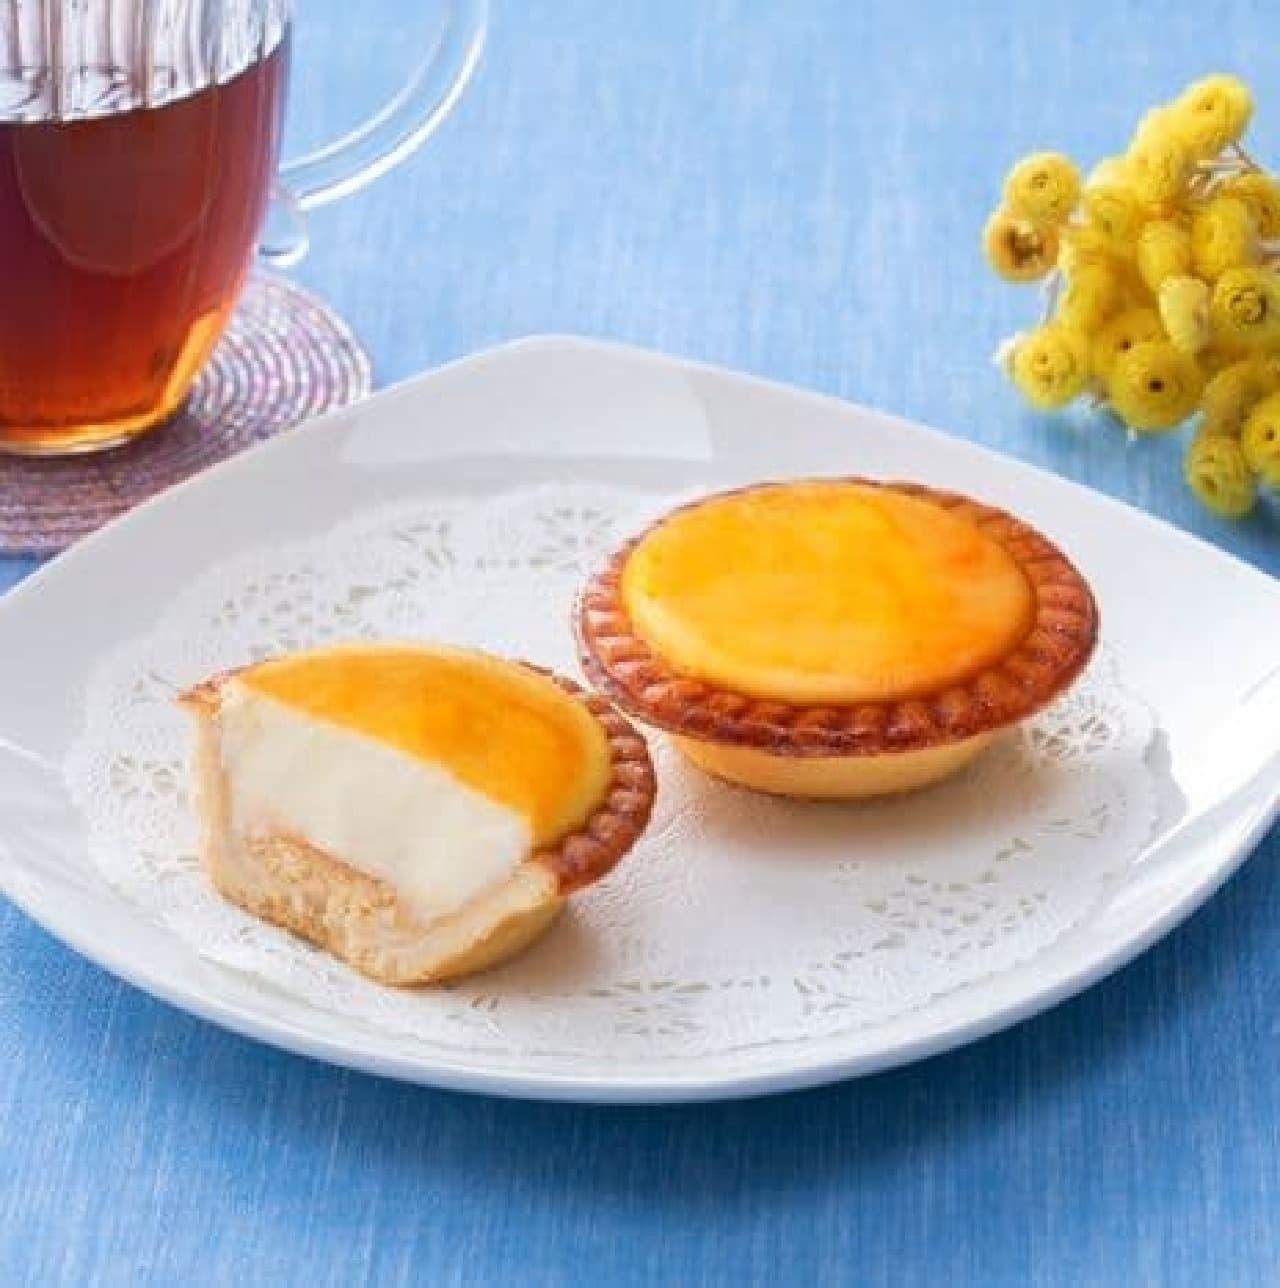 ファミリーマート「バター香る焼きチーズタルト」